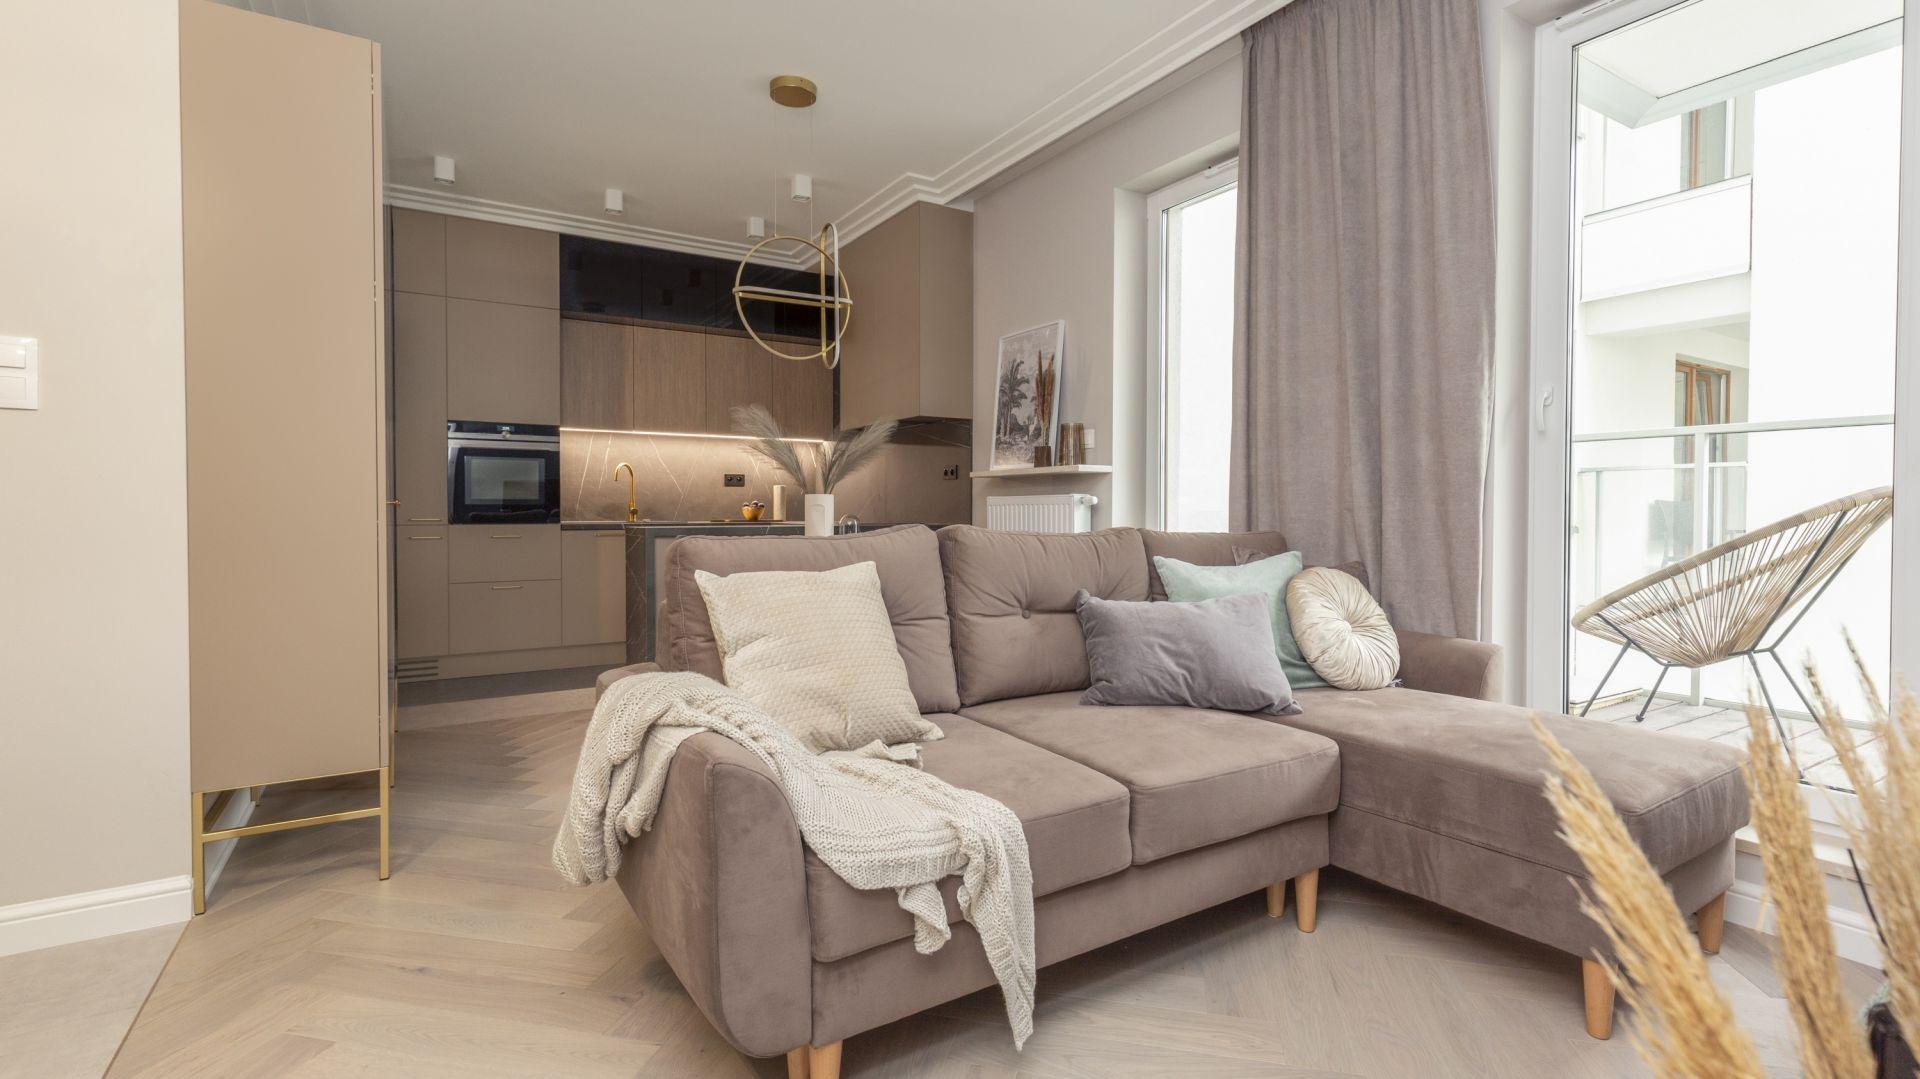 Serce salonu stanowi wygodna kanapa w kolorze taupe. Projekt Decoroom Fot. Marta Behling Pion Poziom